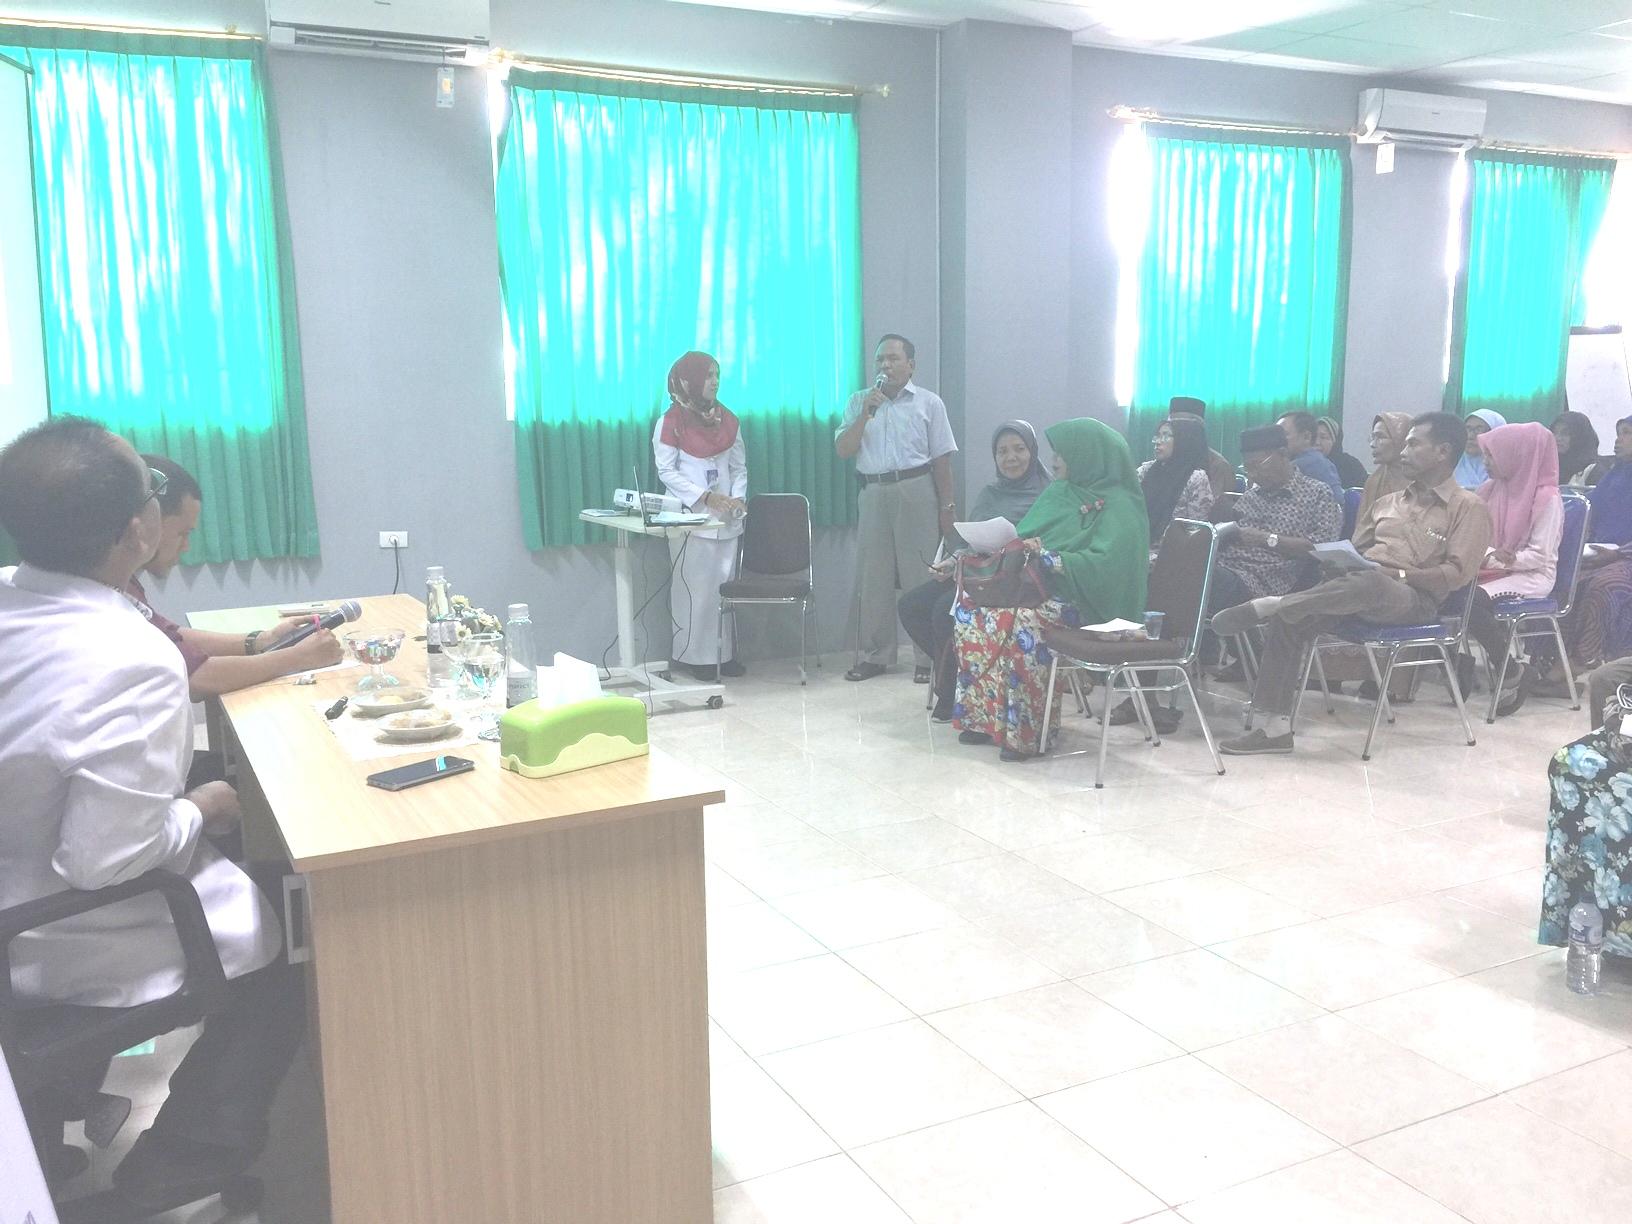 peserta berdiskusi dengan dr spesialis terkait hipertensi